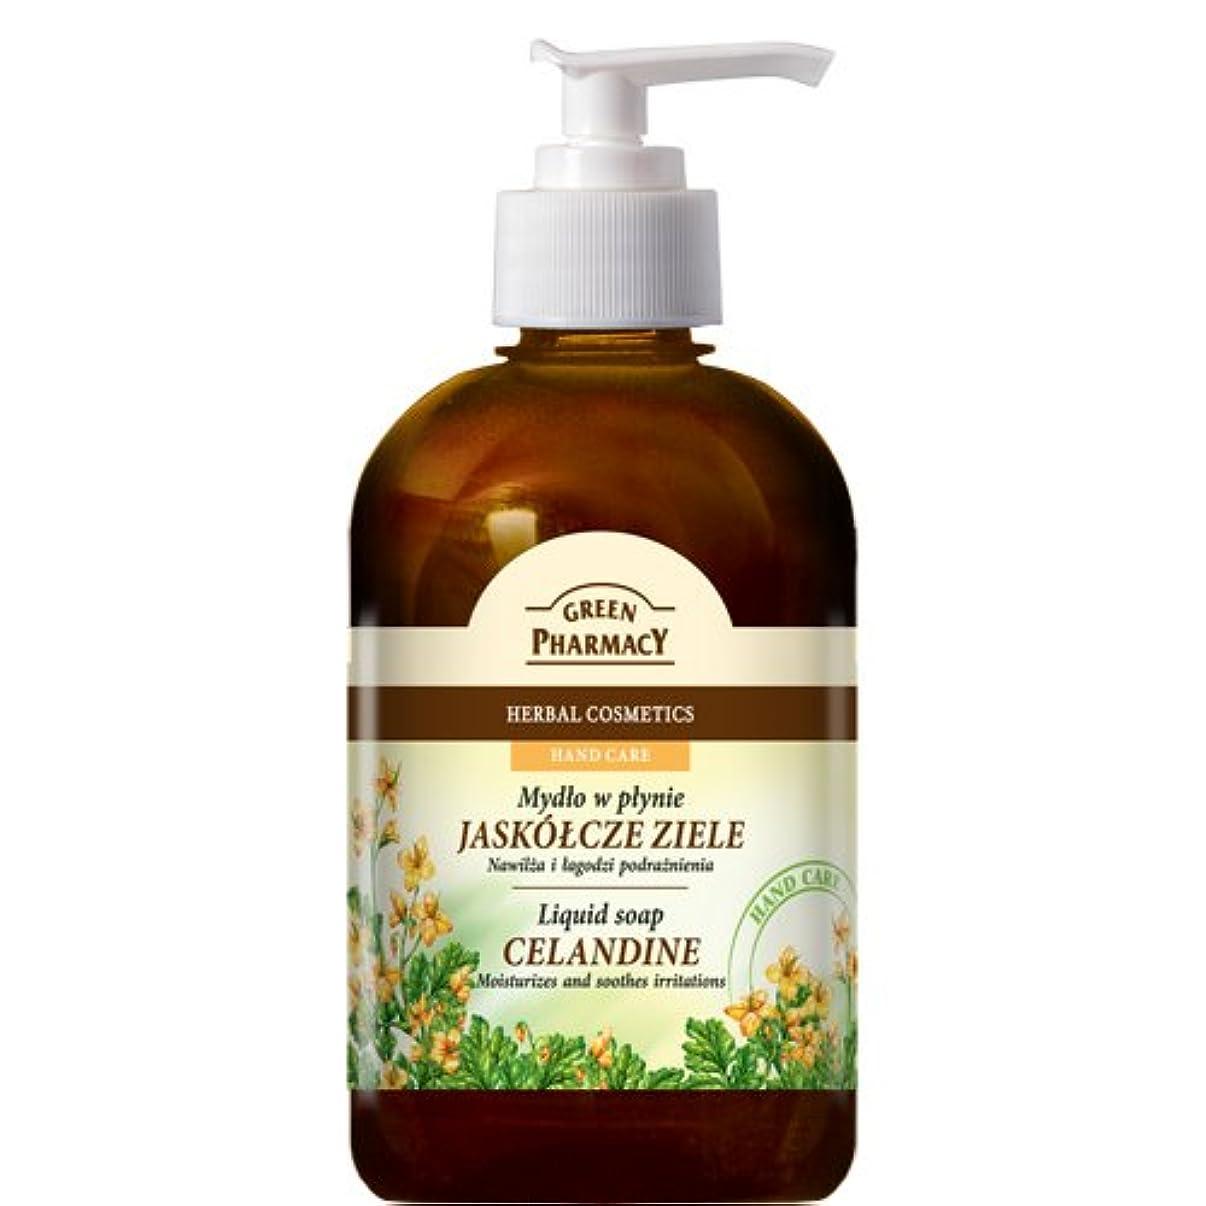 外側引退したアジャElfa Pharm Green Pharmacy グリーンファーマシー Liquid Soap リキッドソープ Celandine クサノオウ